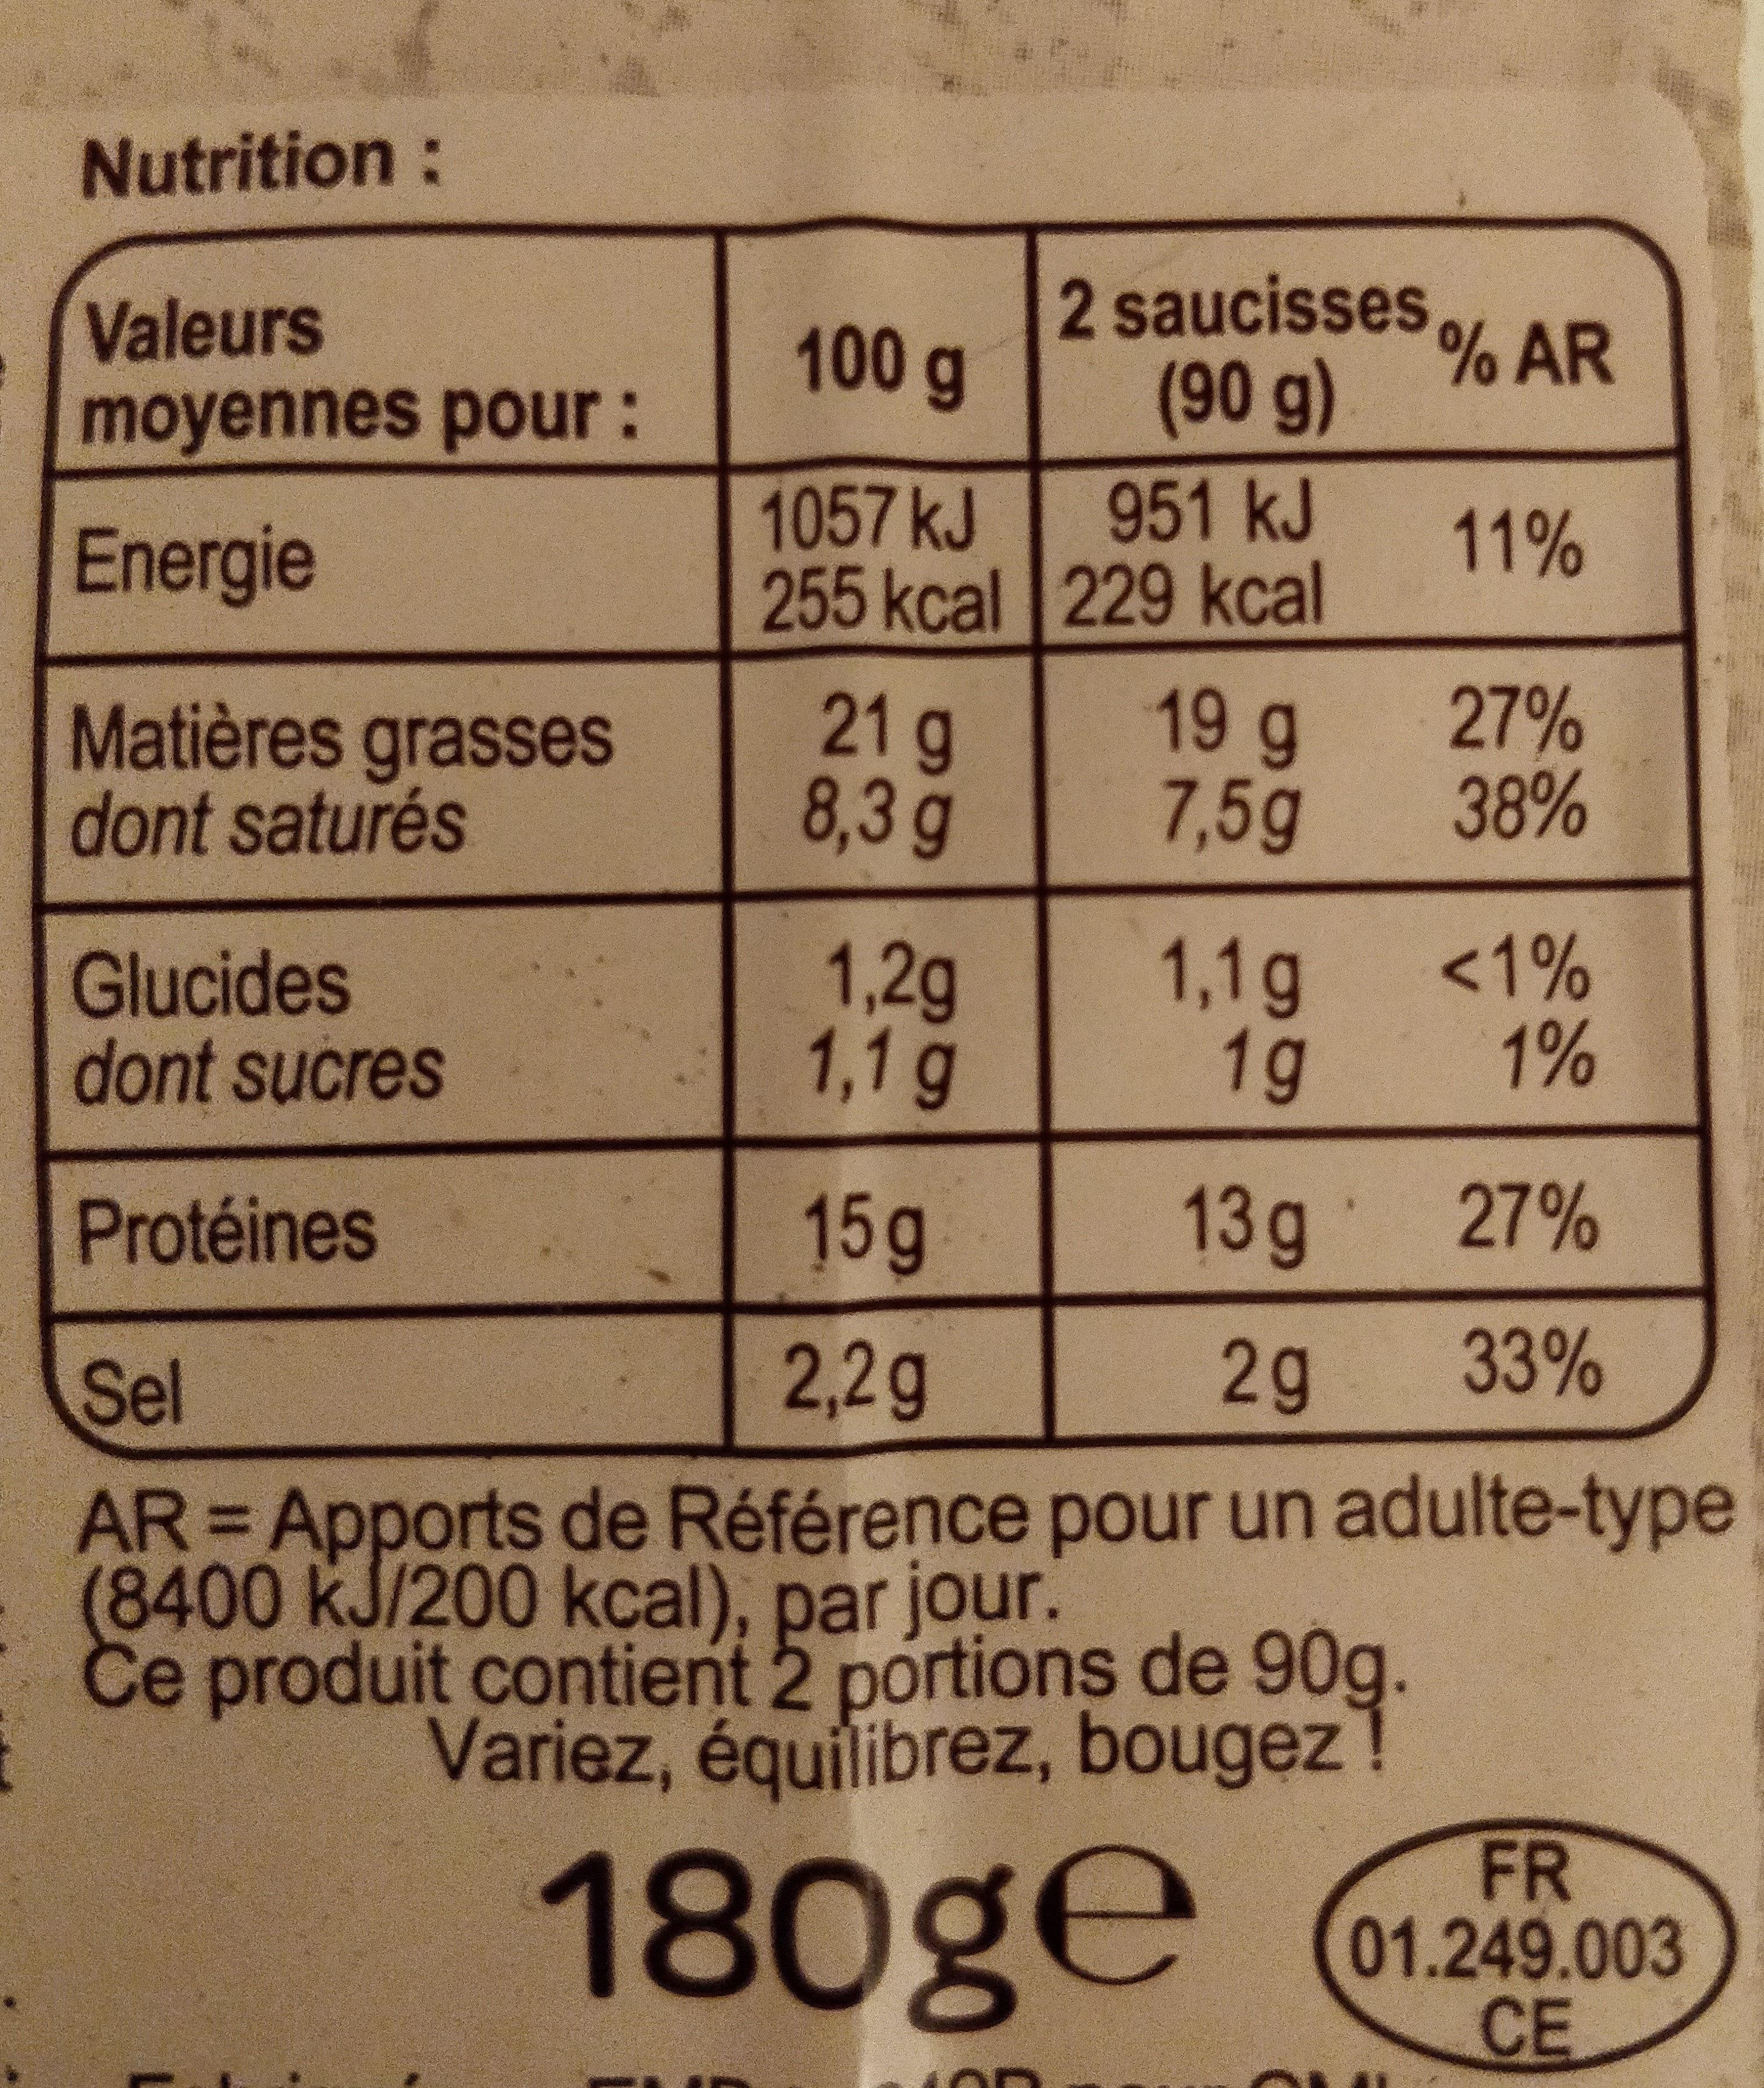 Knack bio qualité supérieure - Nutrition facts